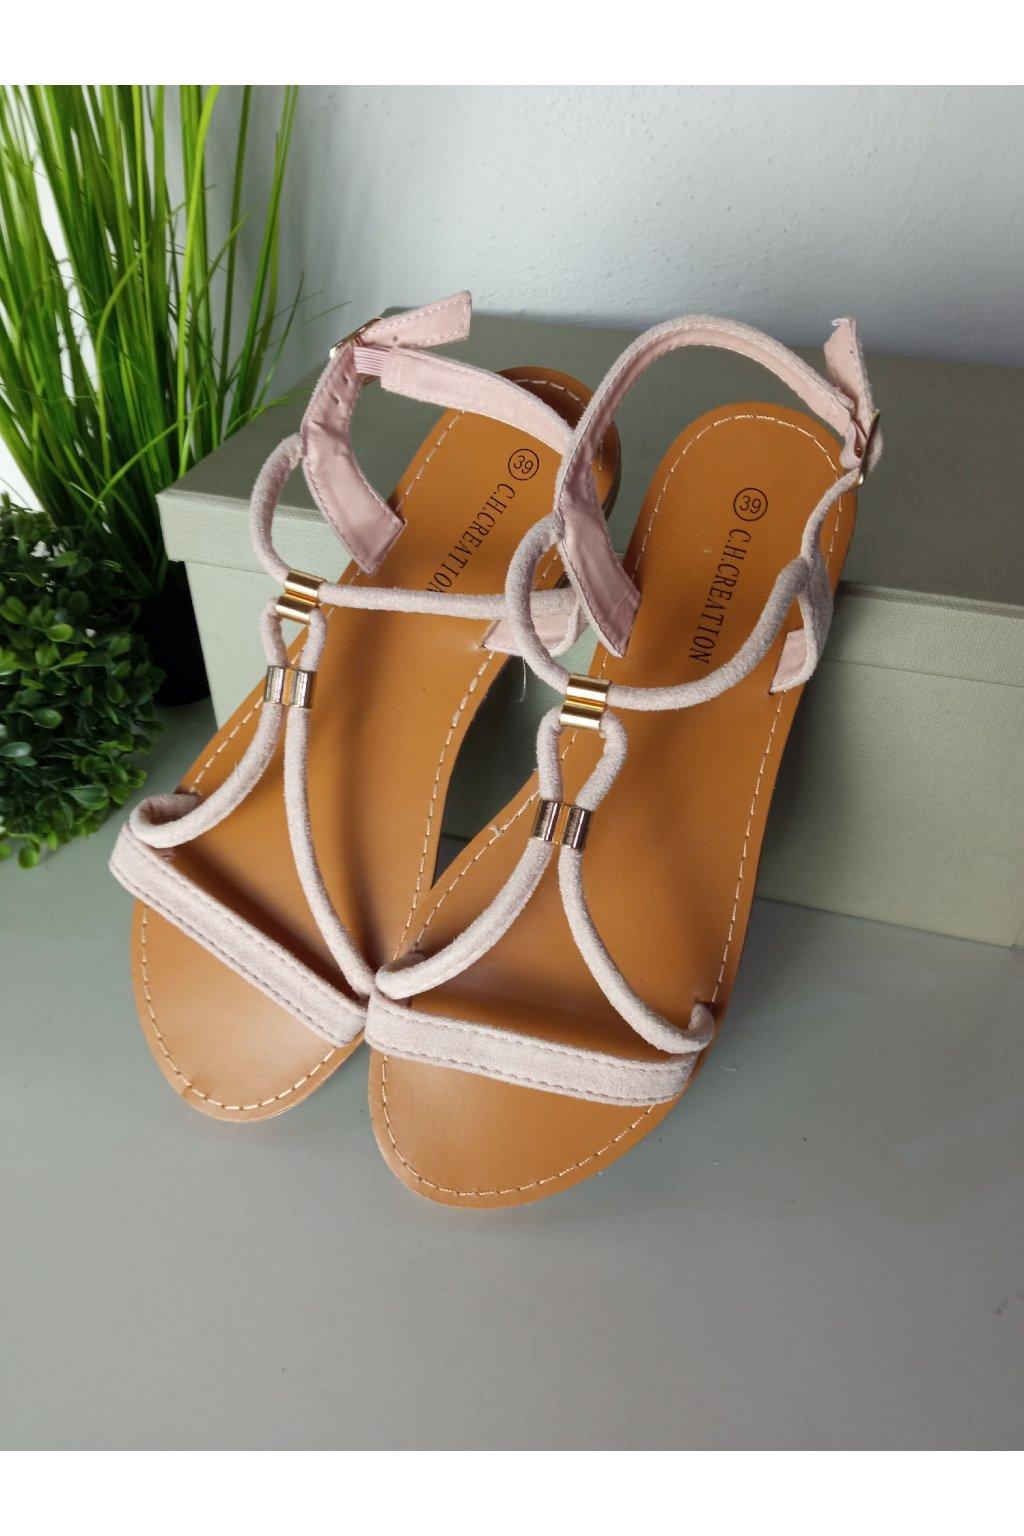 Béžové sandále NJSK L520